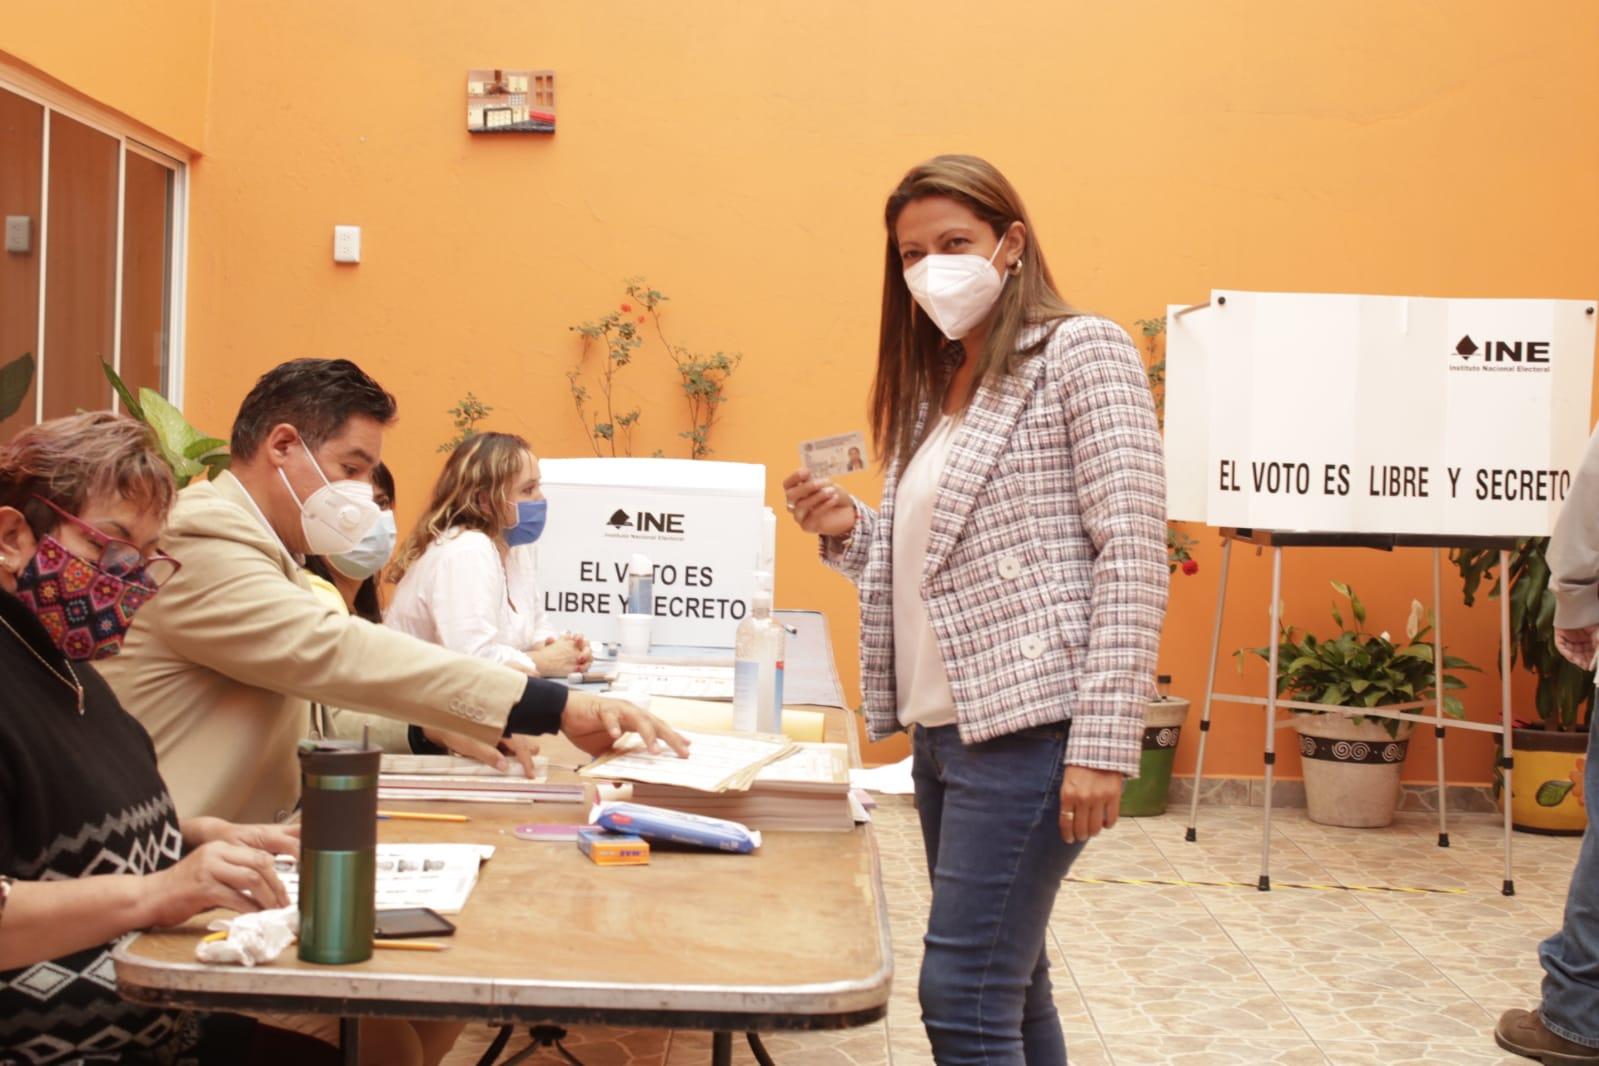 Evelyn Parra Álvarez exhorta a los ciudadanos a votar